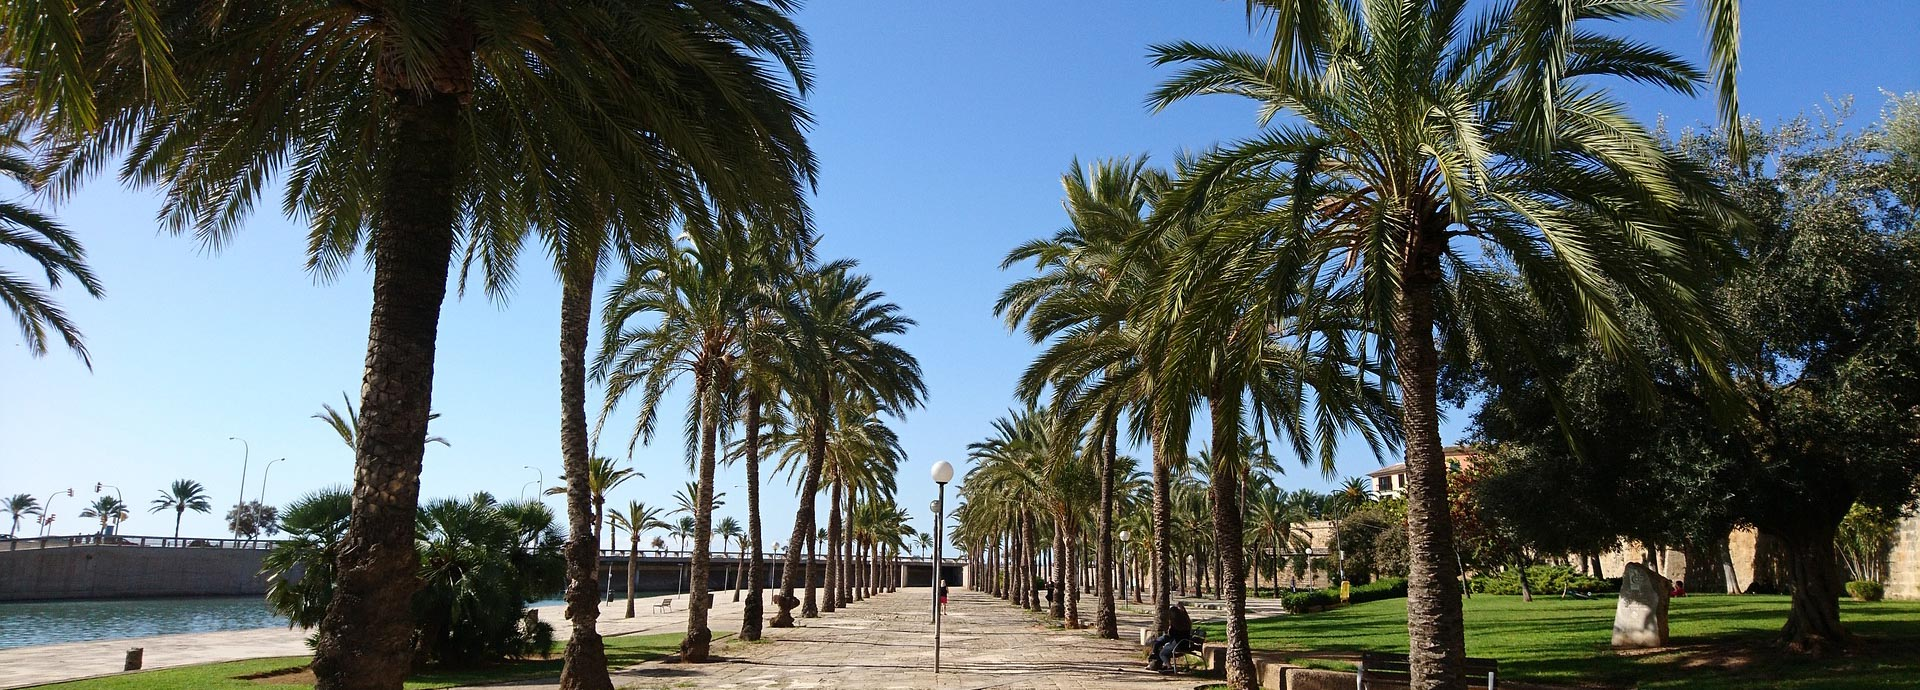 Путешествие в Пальма-де-Мальорка Испания